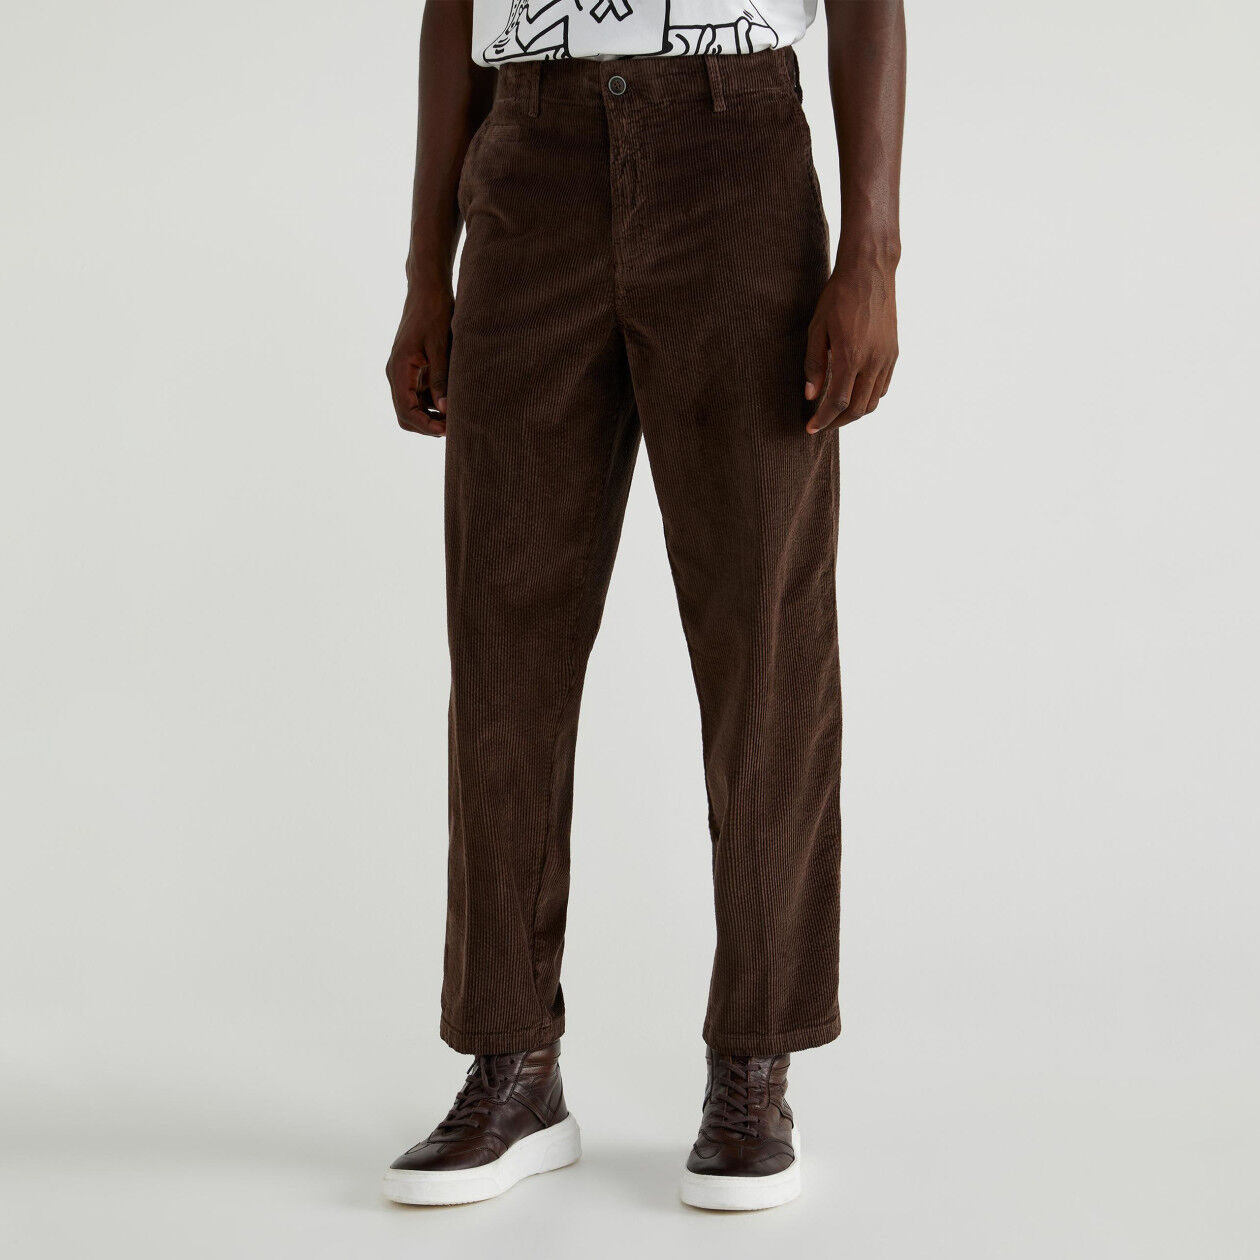 Pantalones chinos de pana elástica